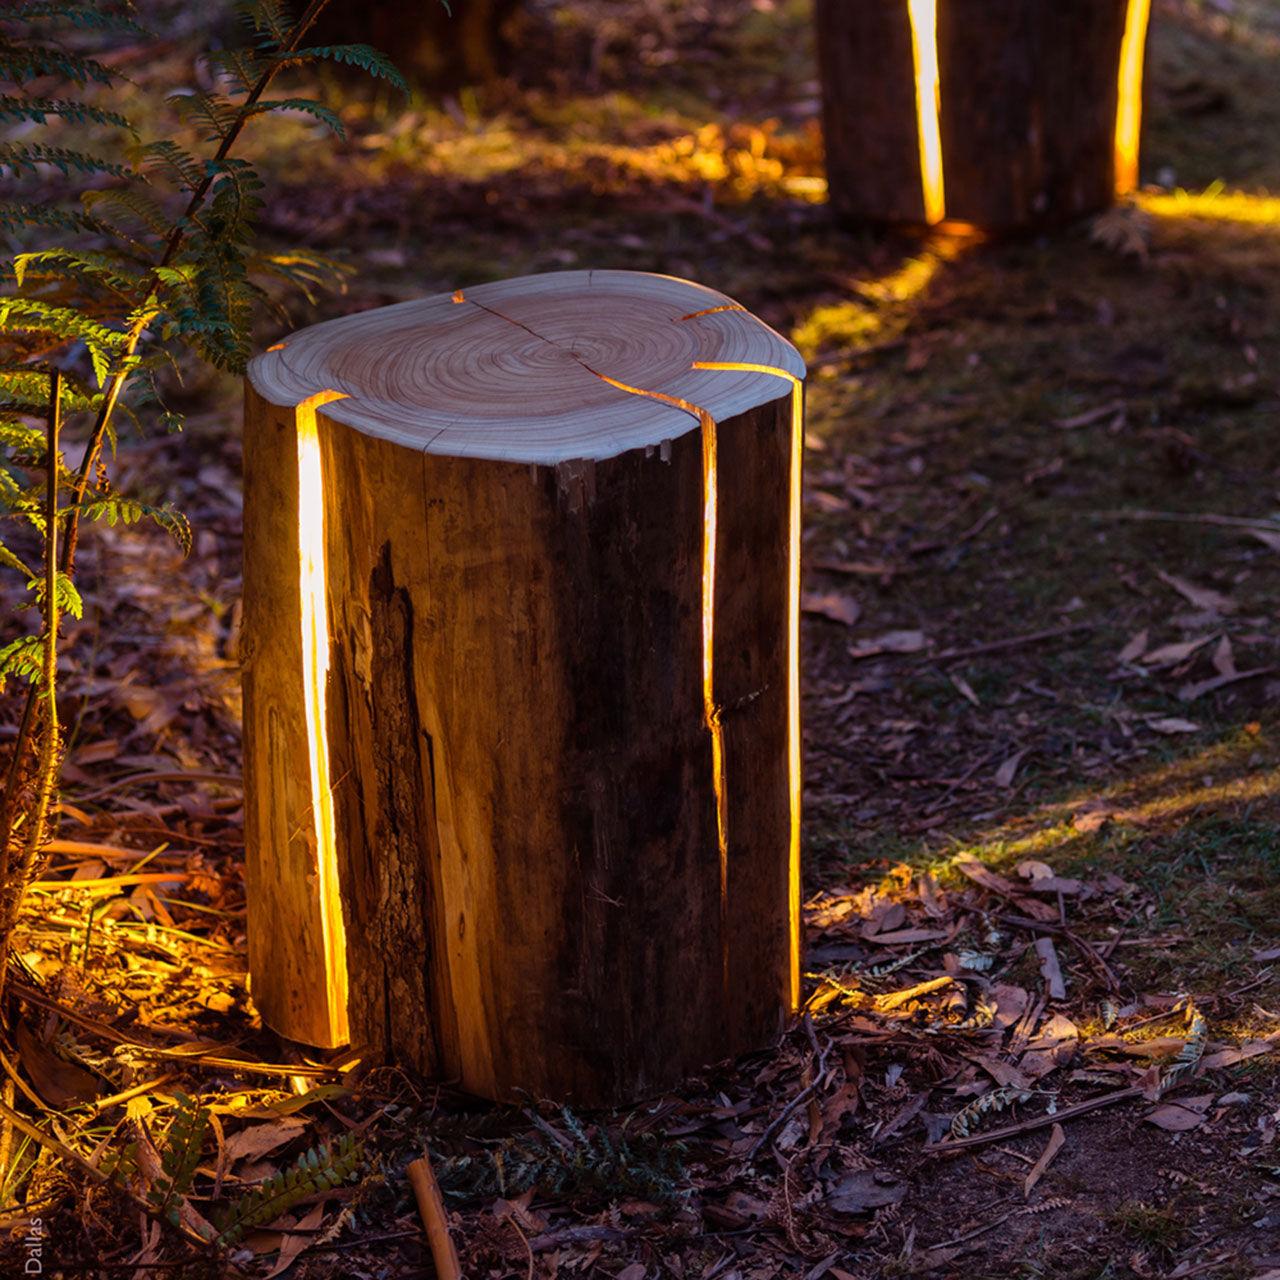 Strålande Stubbe som fungerar som lampa, bord och sittplats. Välj själv hur KM-33